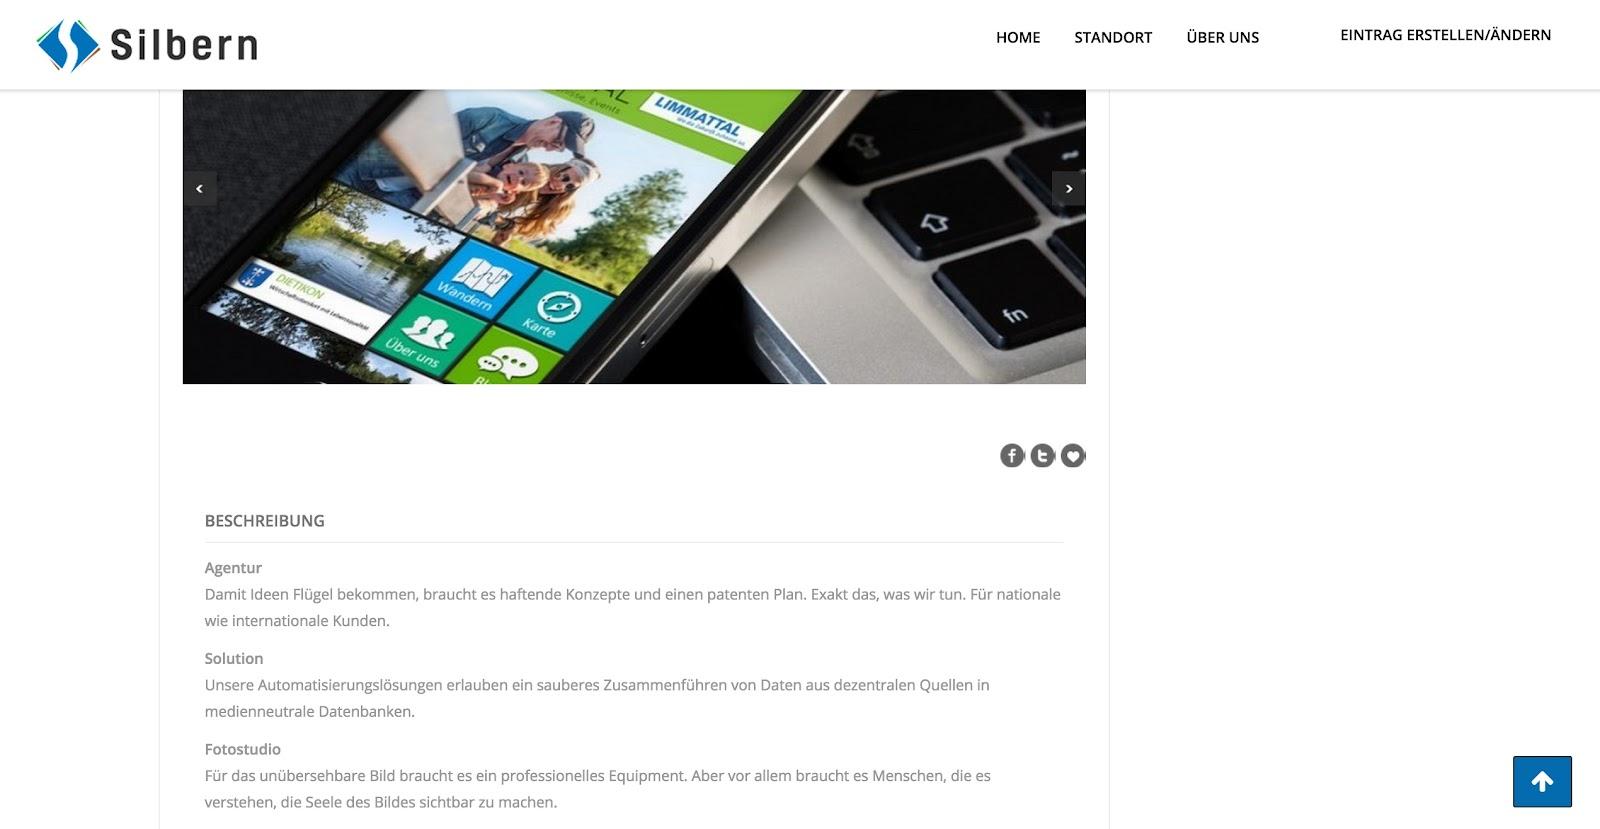 Bilder und Beschreibung zu Ihrem Unternehmen/Angebot